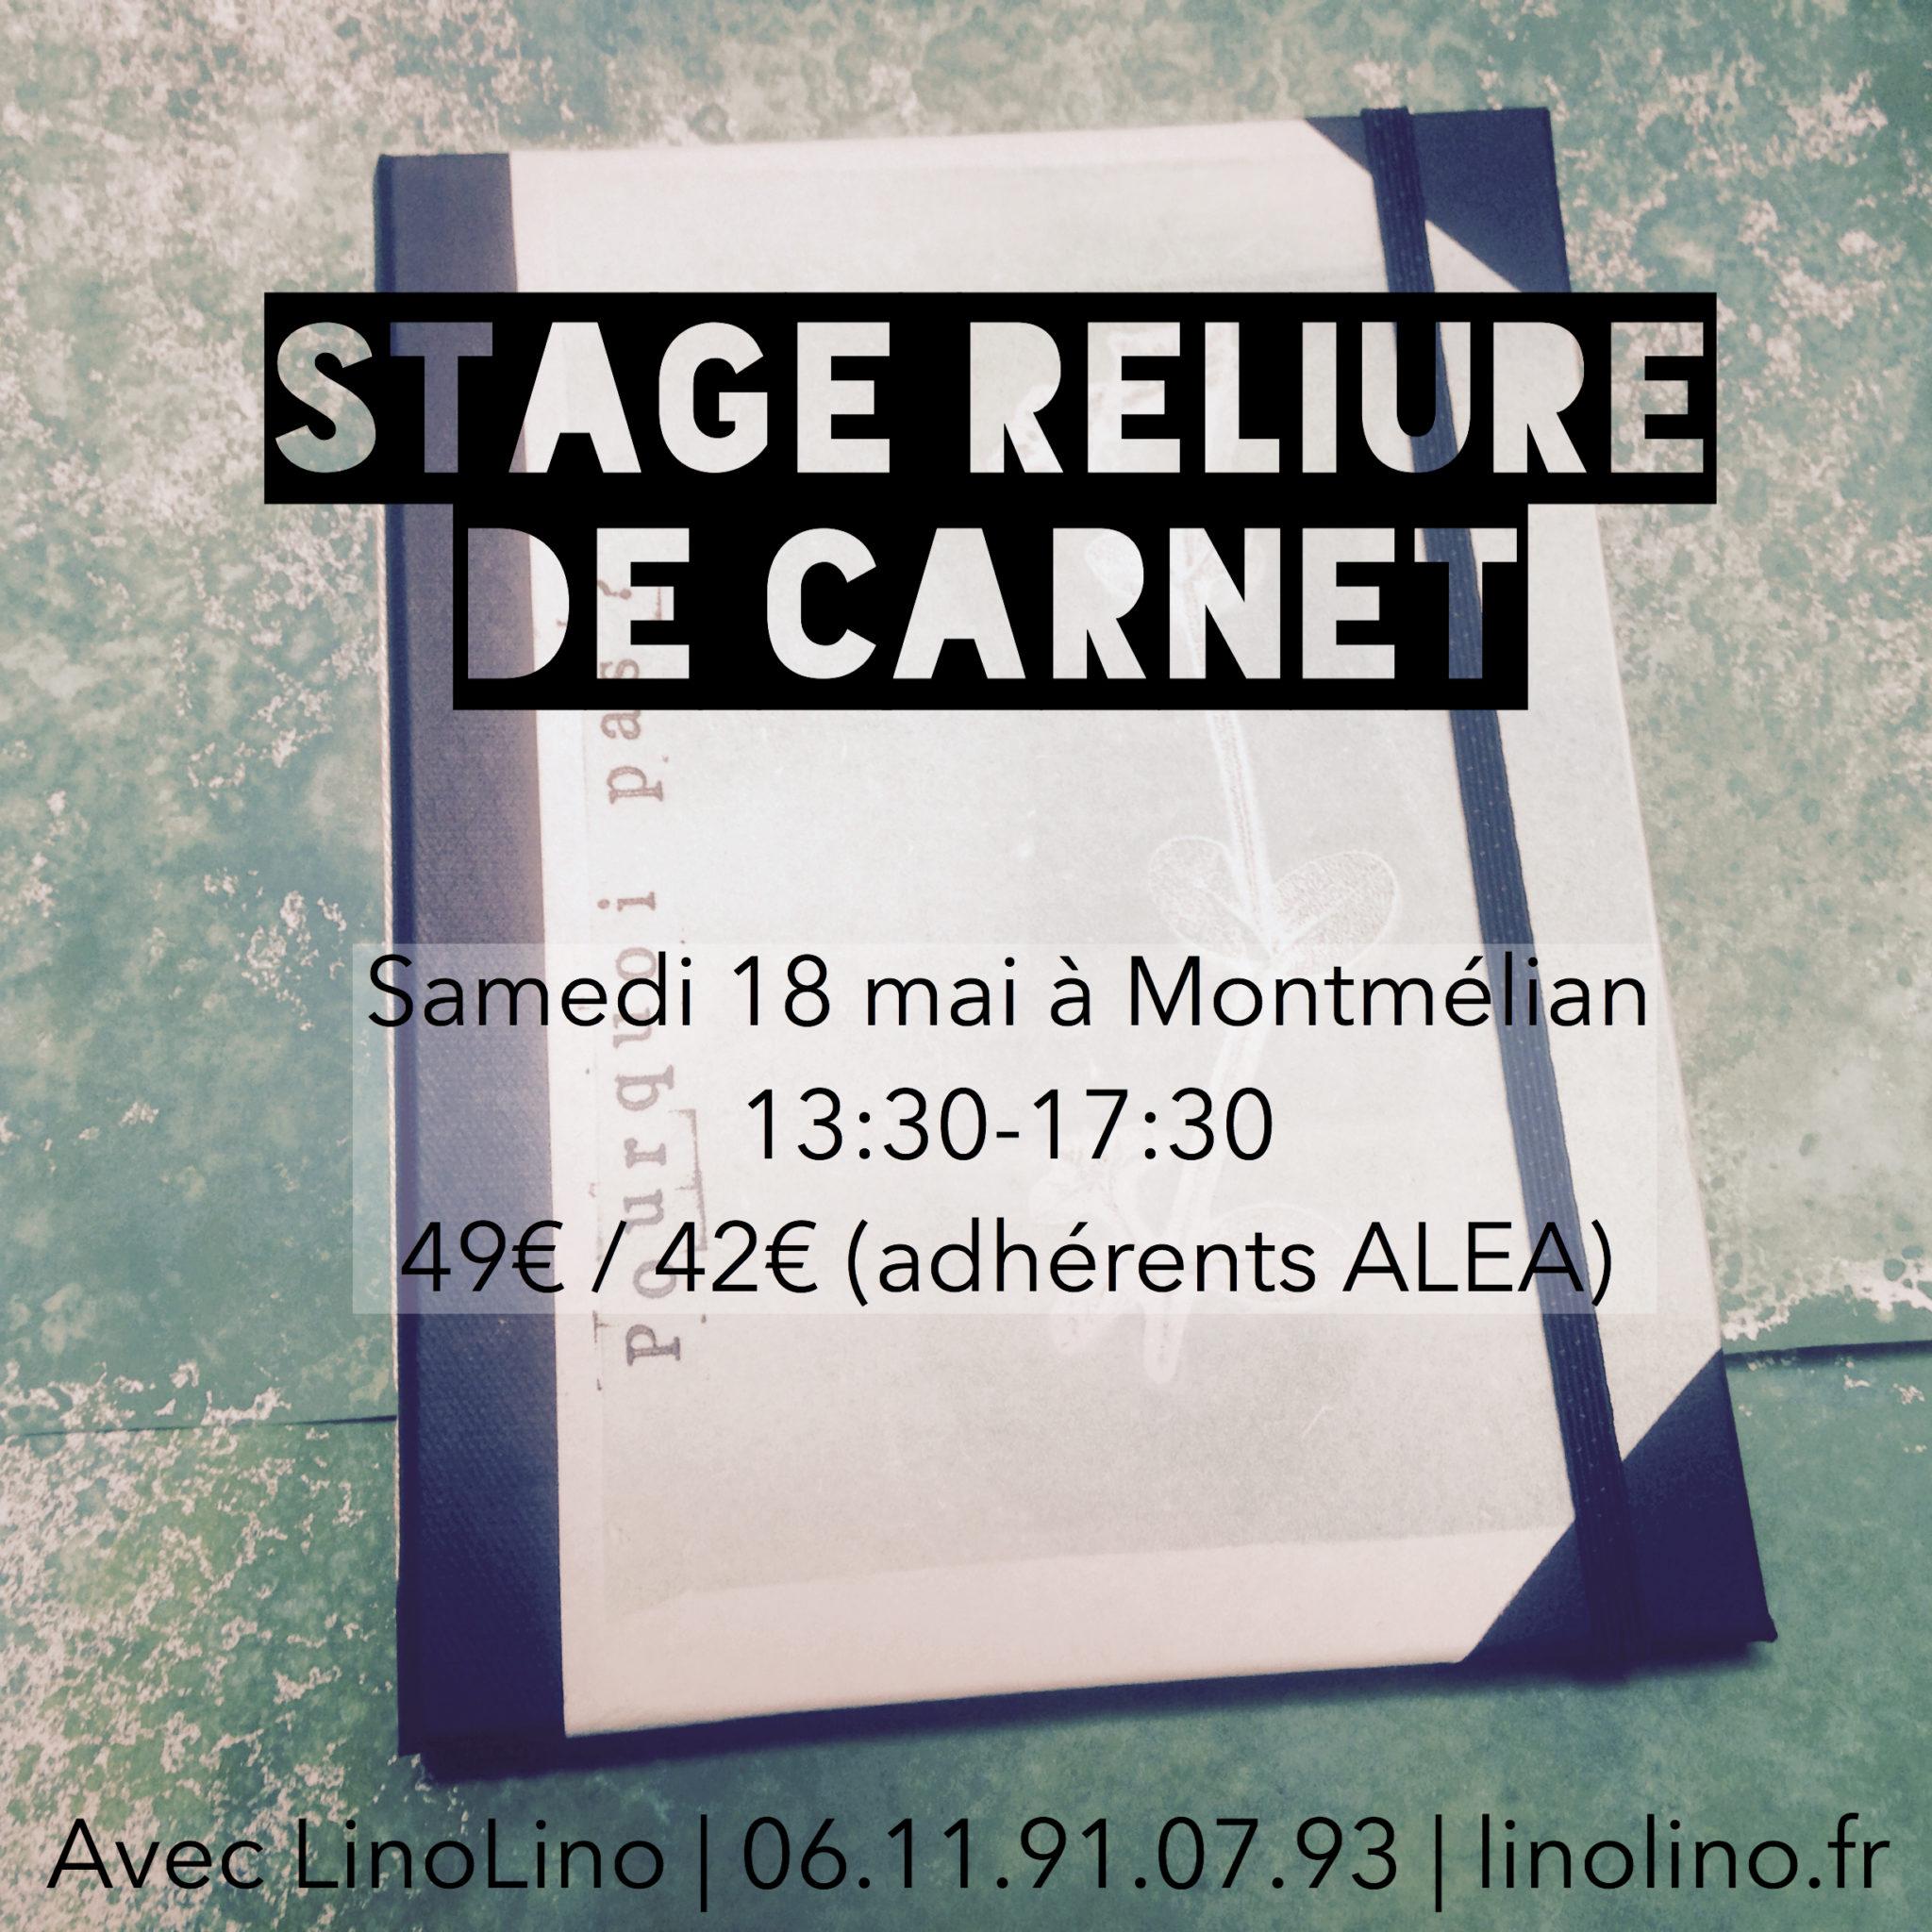 LinoLino | Linogravure et créations à partir d'impressions artisanales | Chambéry, France | Stage reliure carnets Montmélian 18 mai 2018